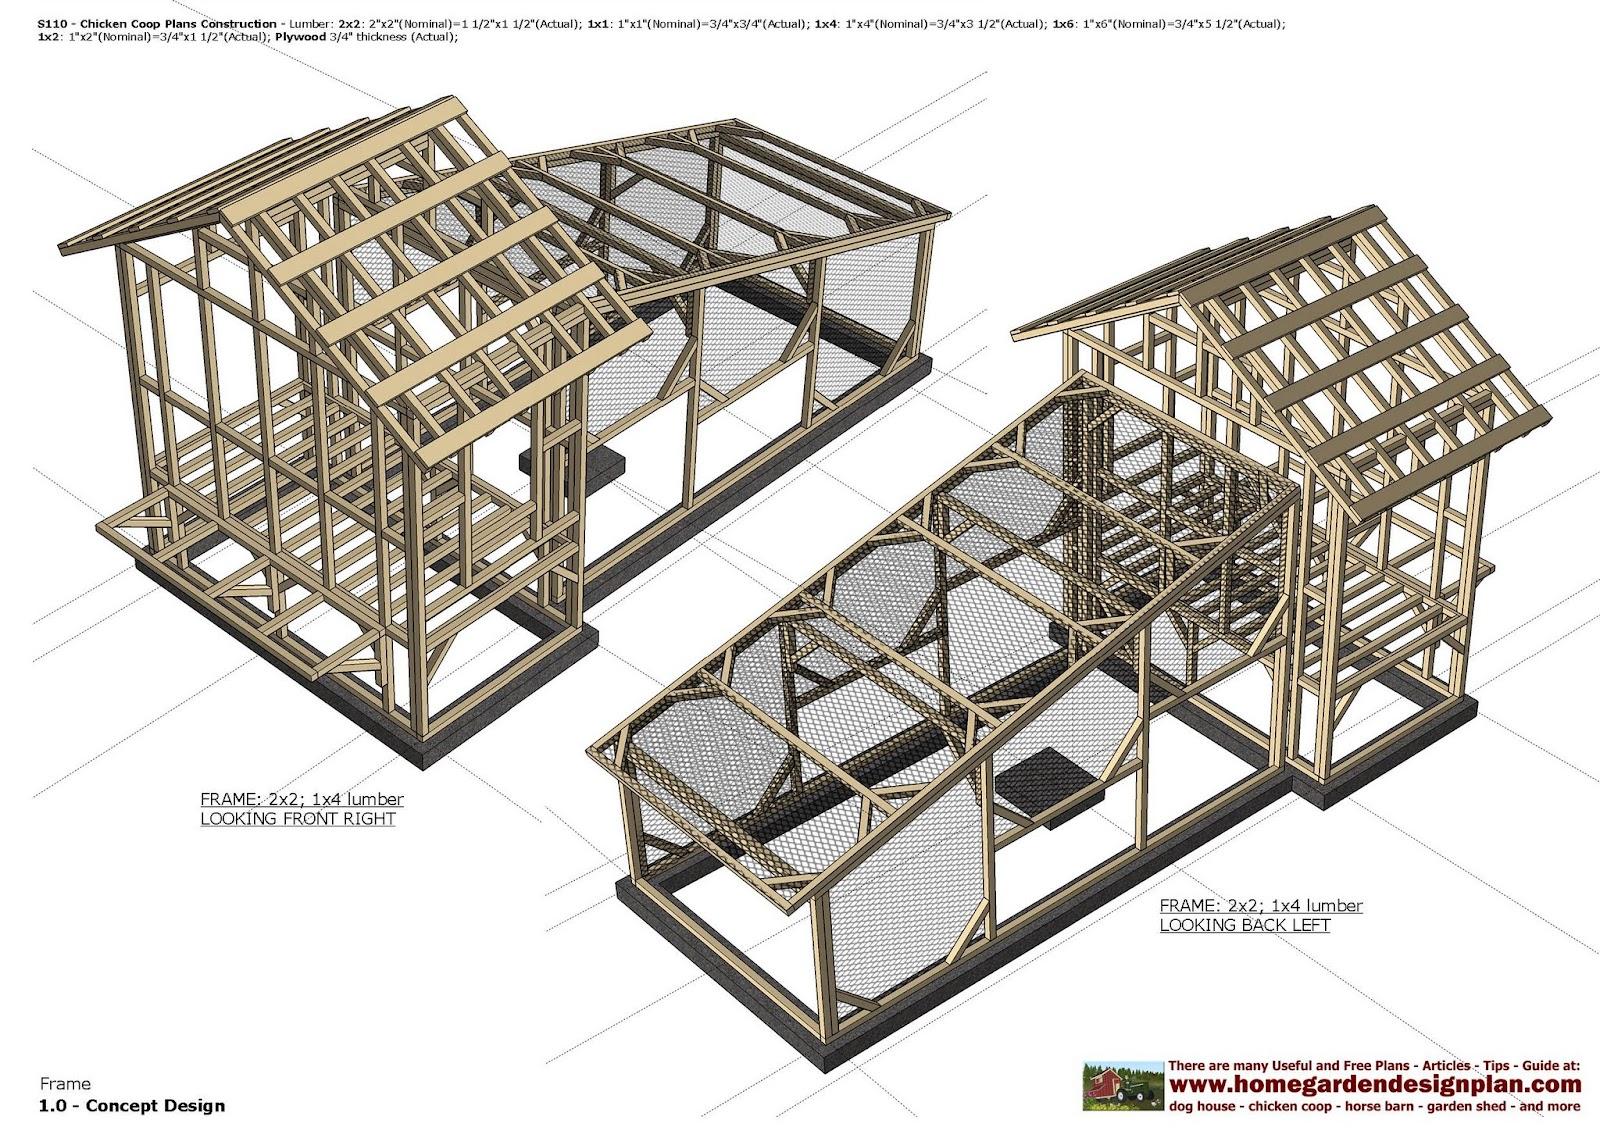 Home garden plans s110 chicken coop plans chicken for Chicken coop plans free pdf